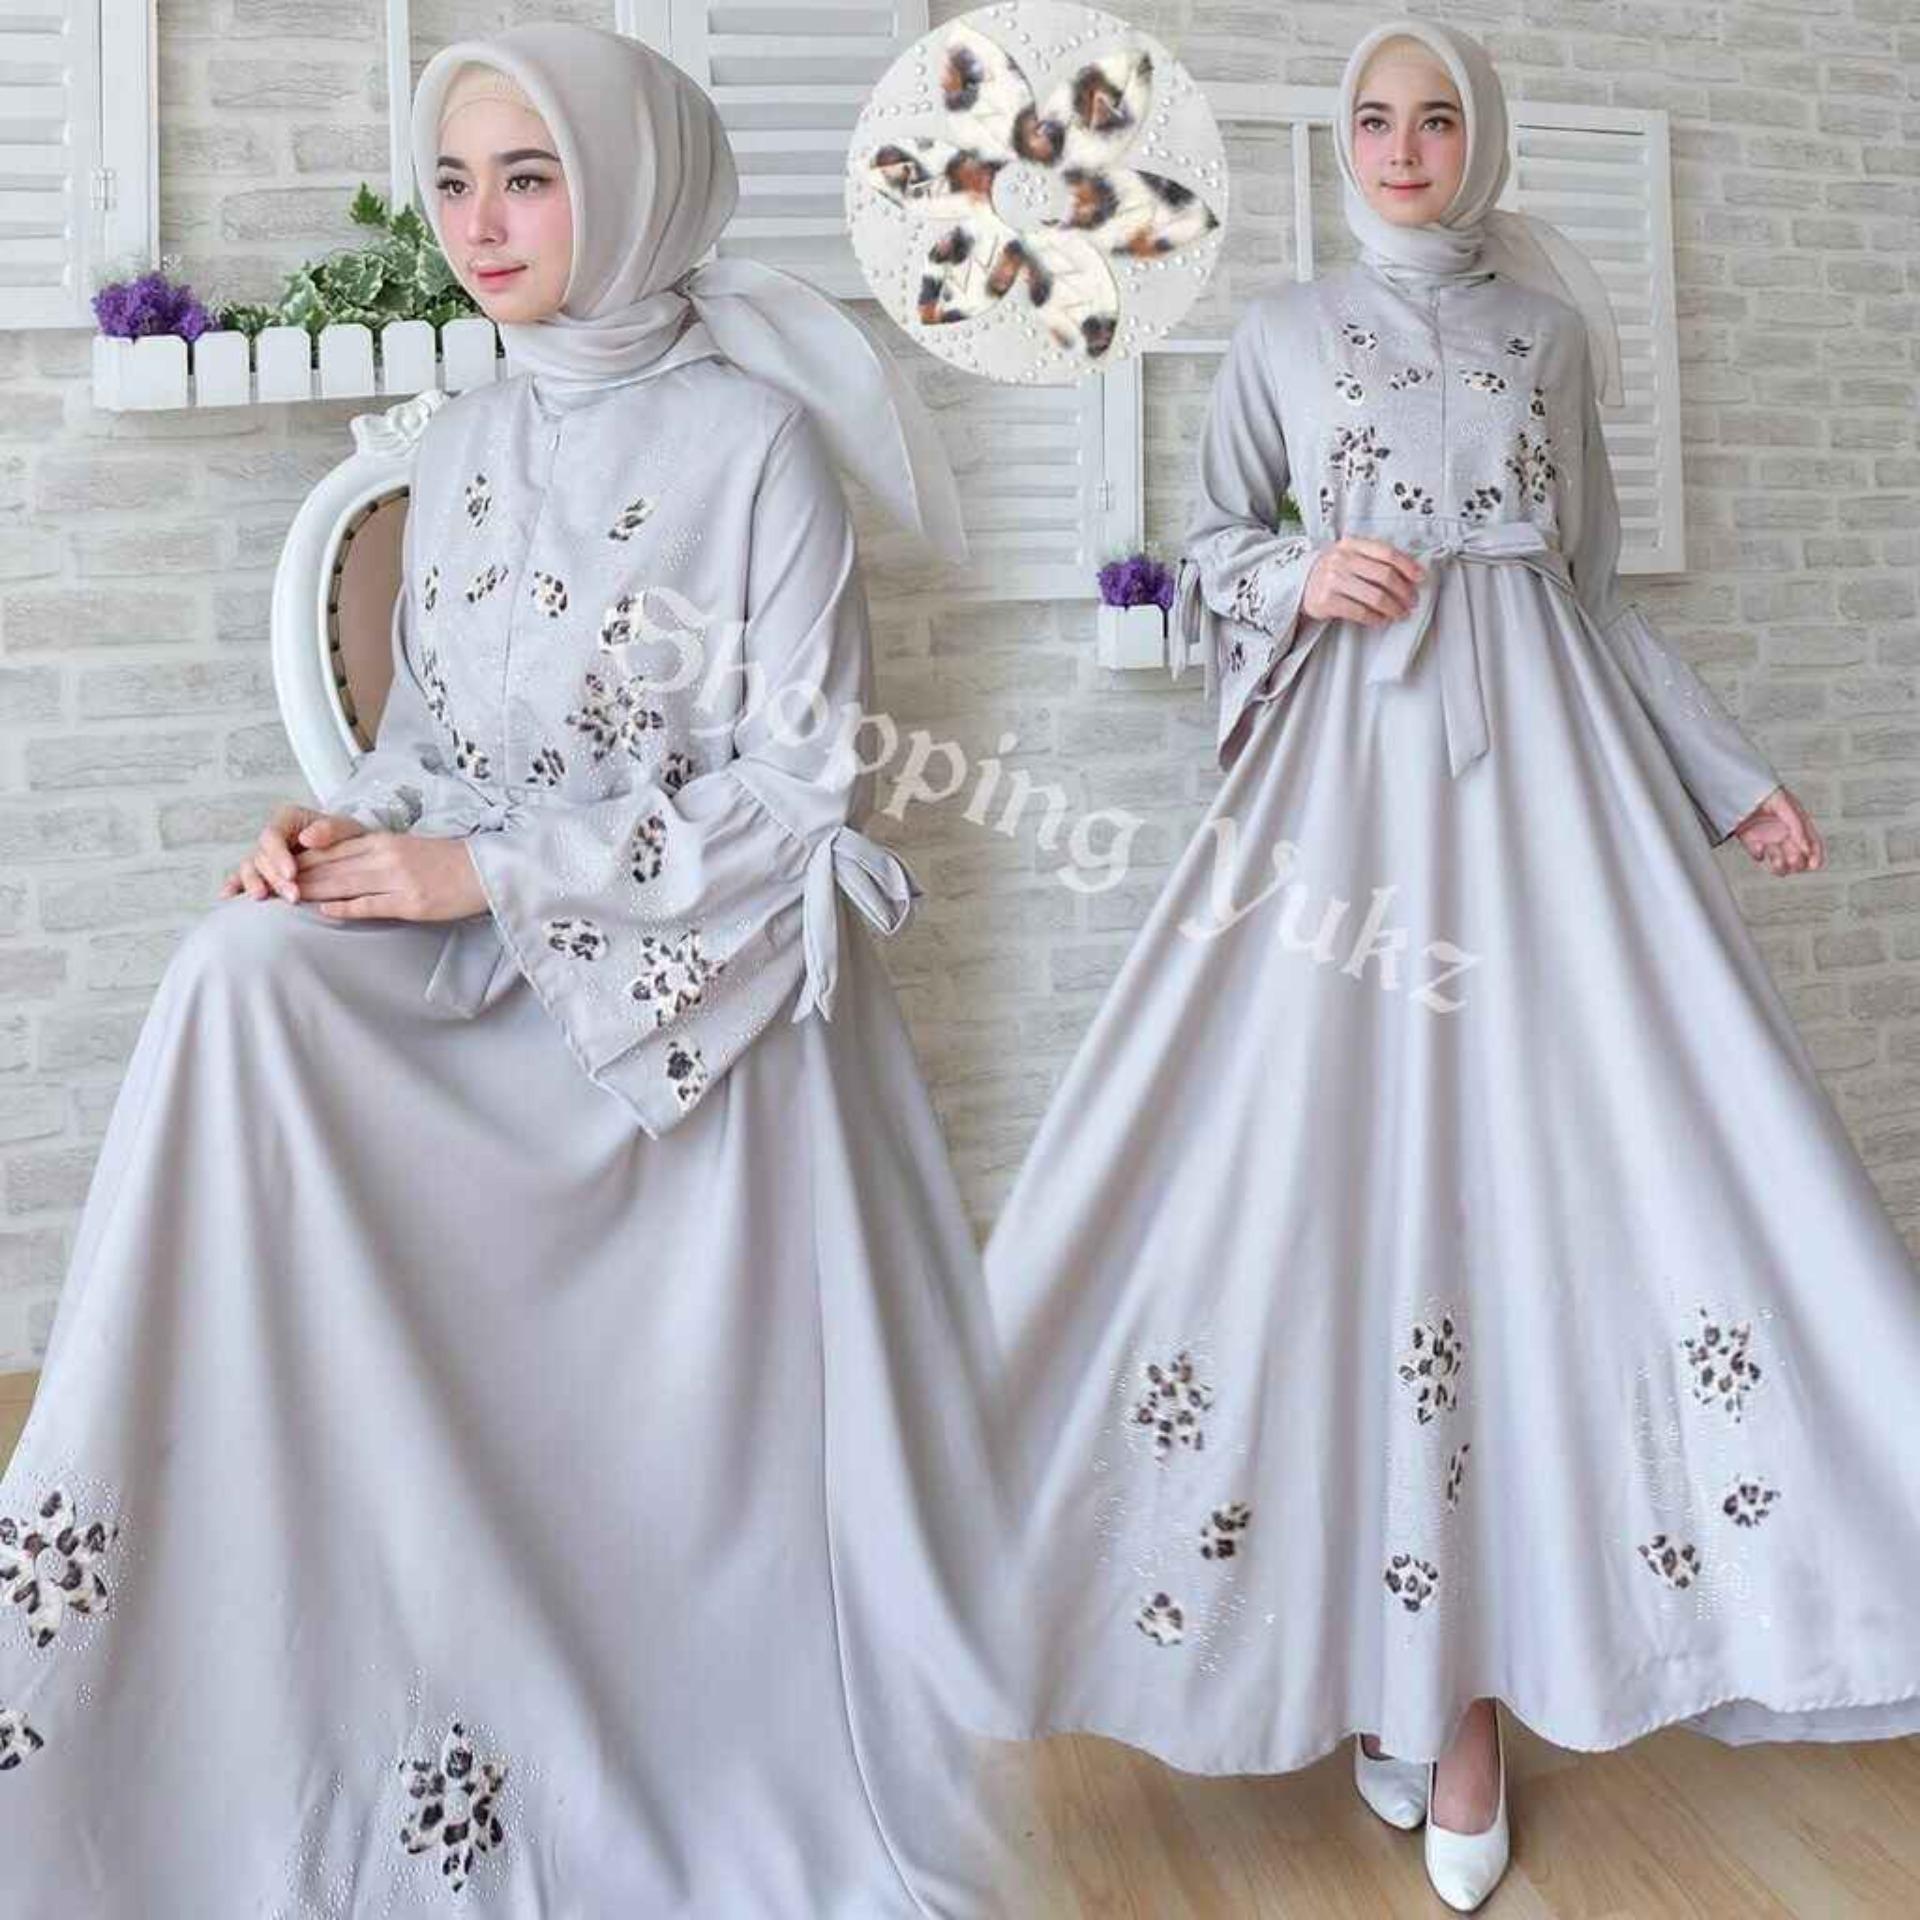 Kelebihan Baju Wanita Shop Maxi Dress Lengan Panjang Raita Gamis Brukat Shopping Yukz Muslim Syari Flower Tanpa Jilbab Hijab